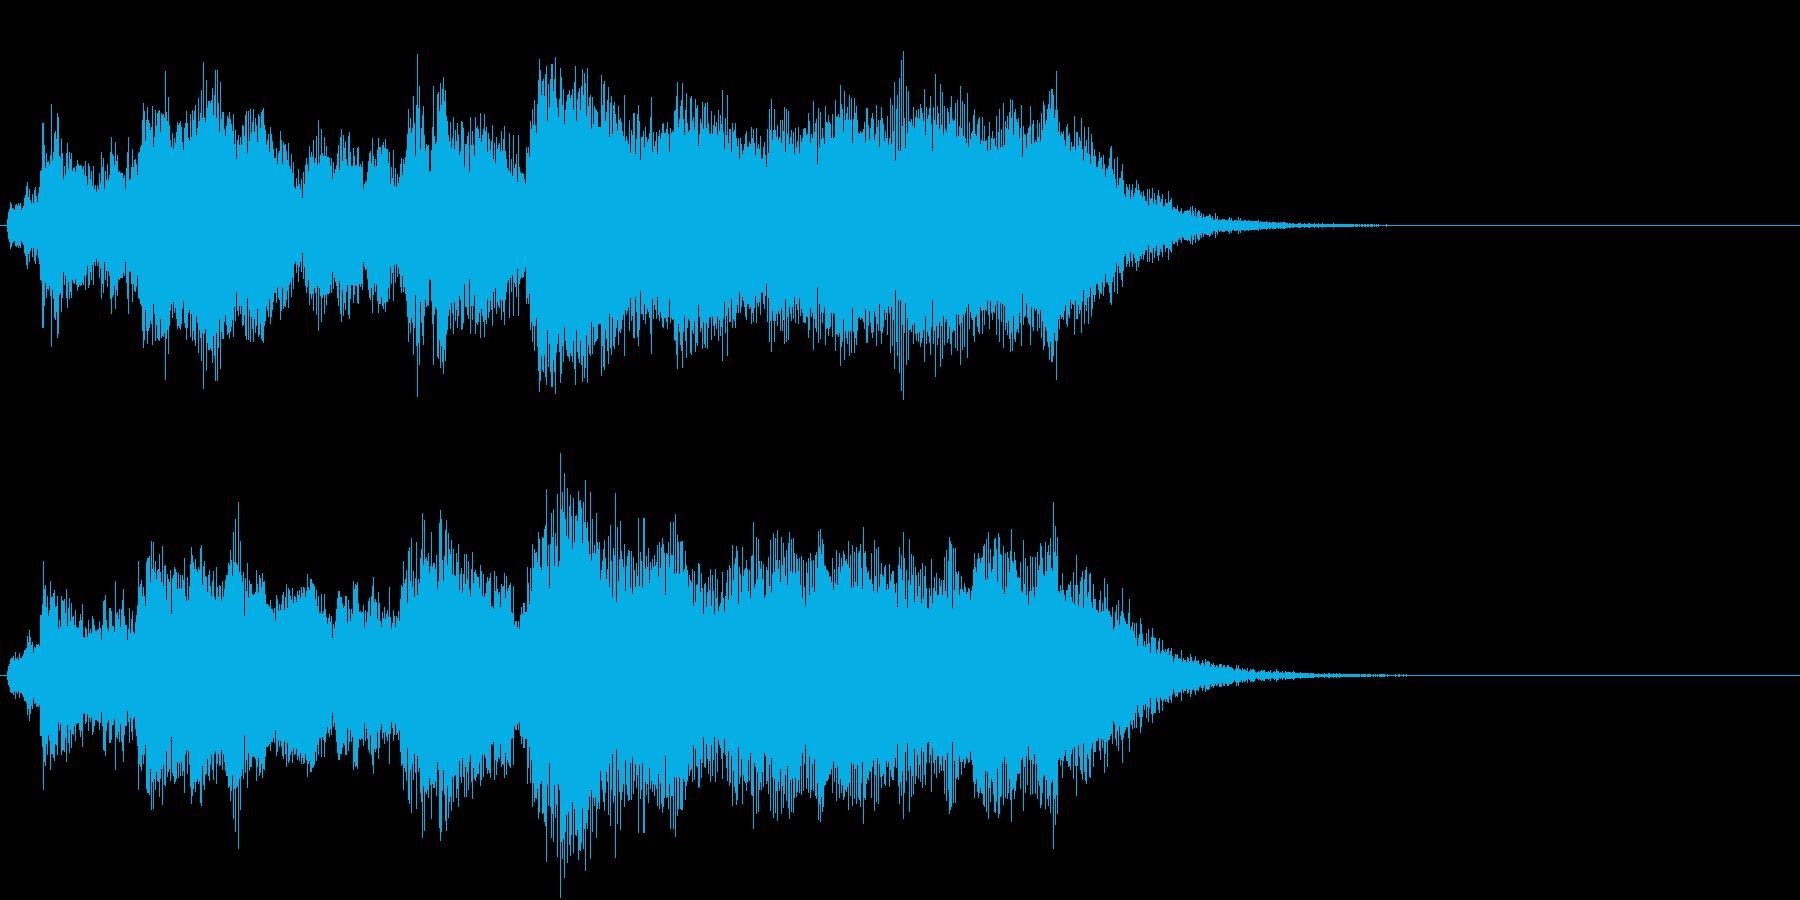 オーソドックスな金管ファンファーレの再生済みの波形